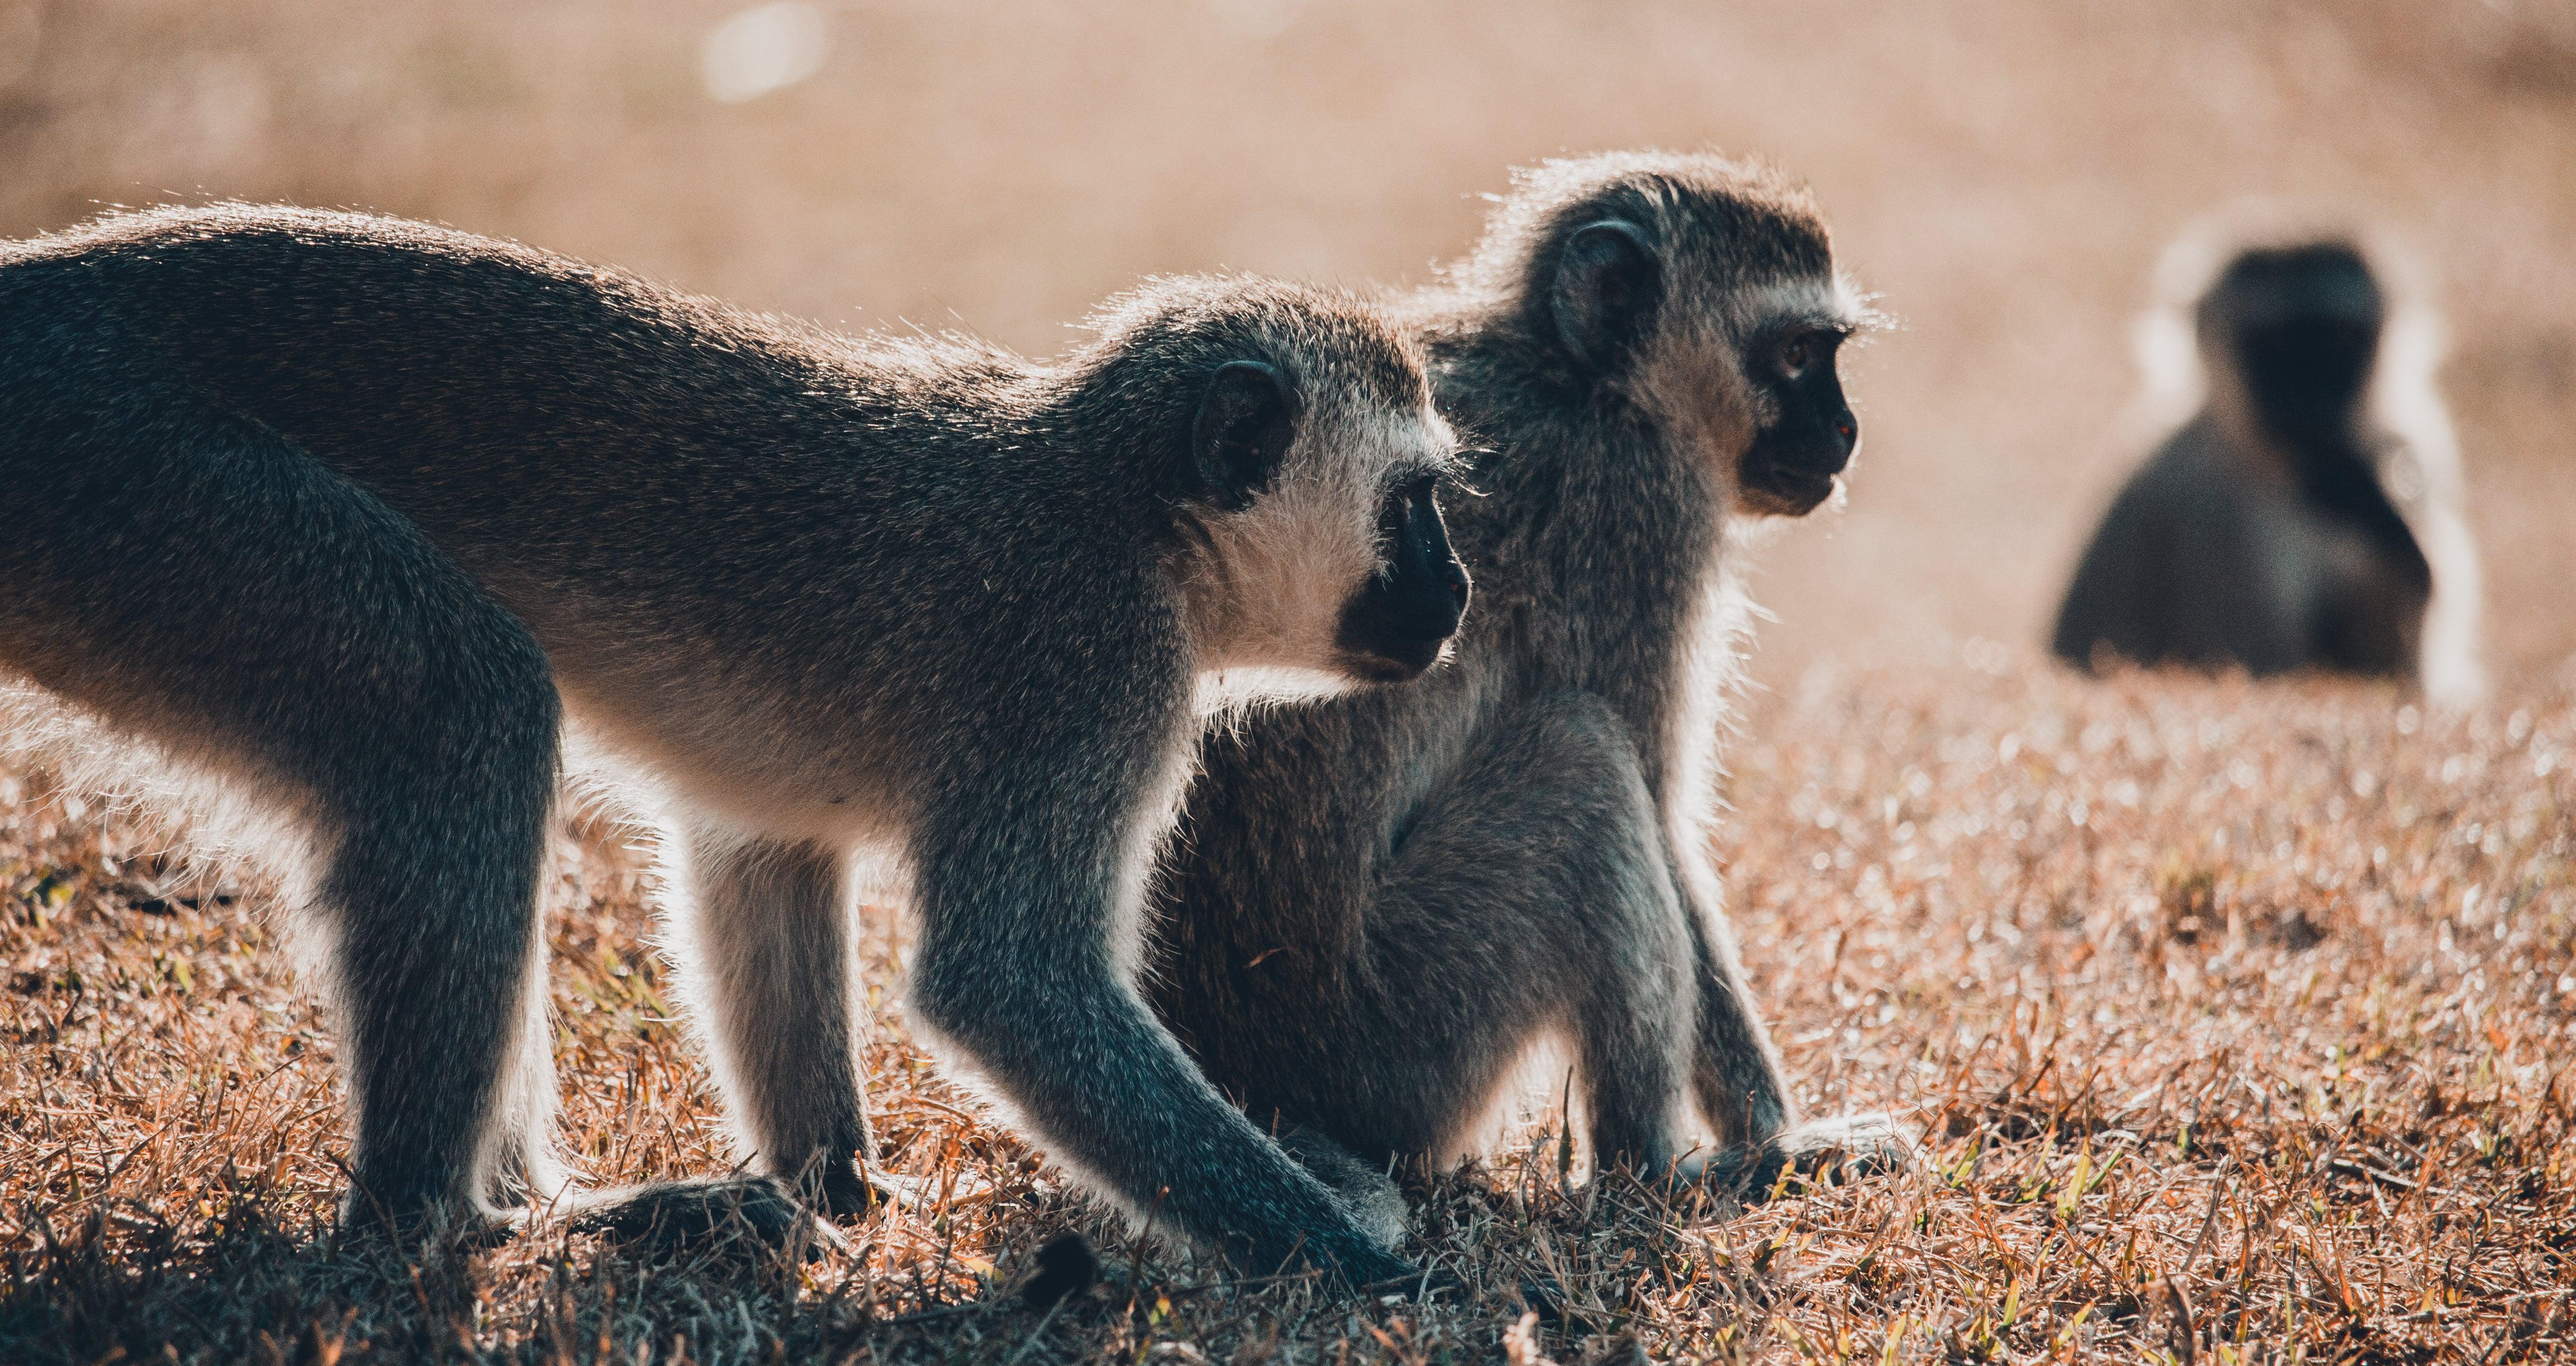 Vervet monkeys thrive despite habitat loss in South Africa